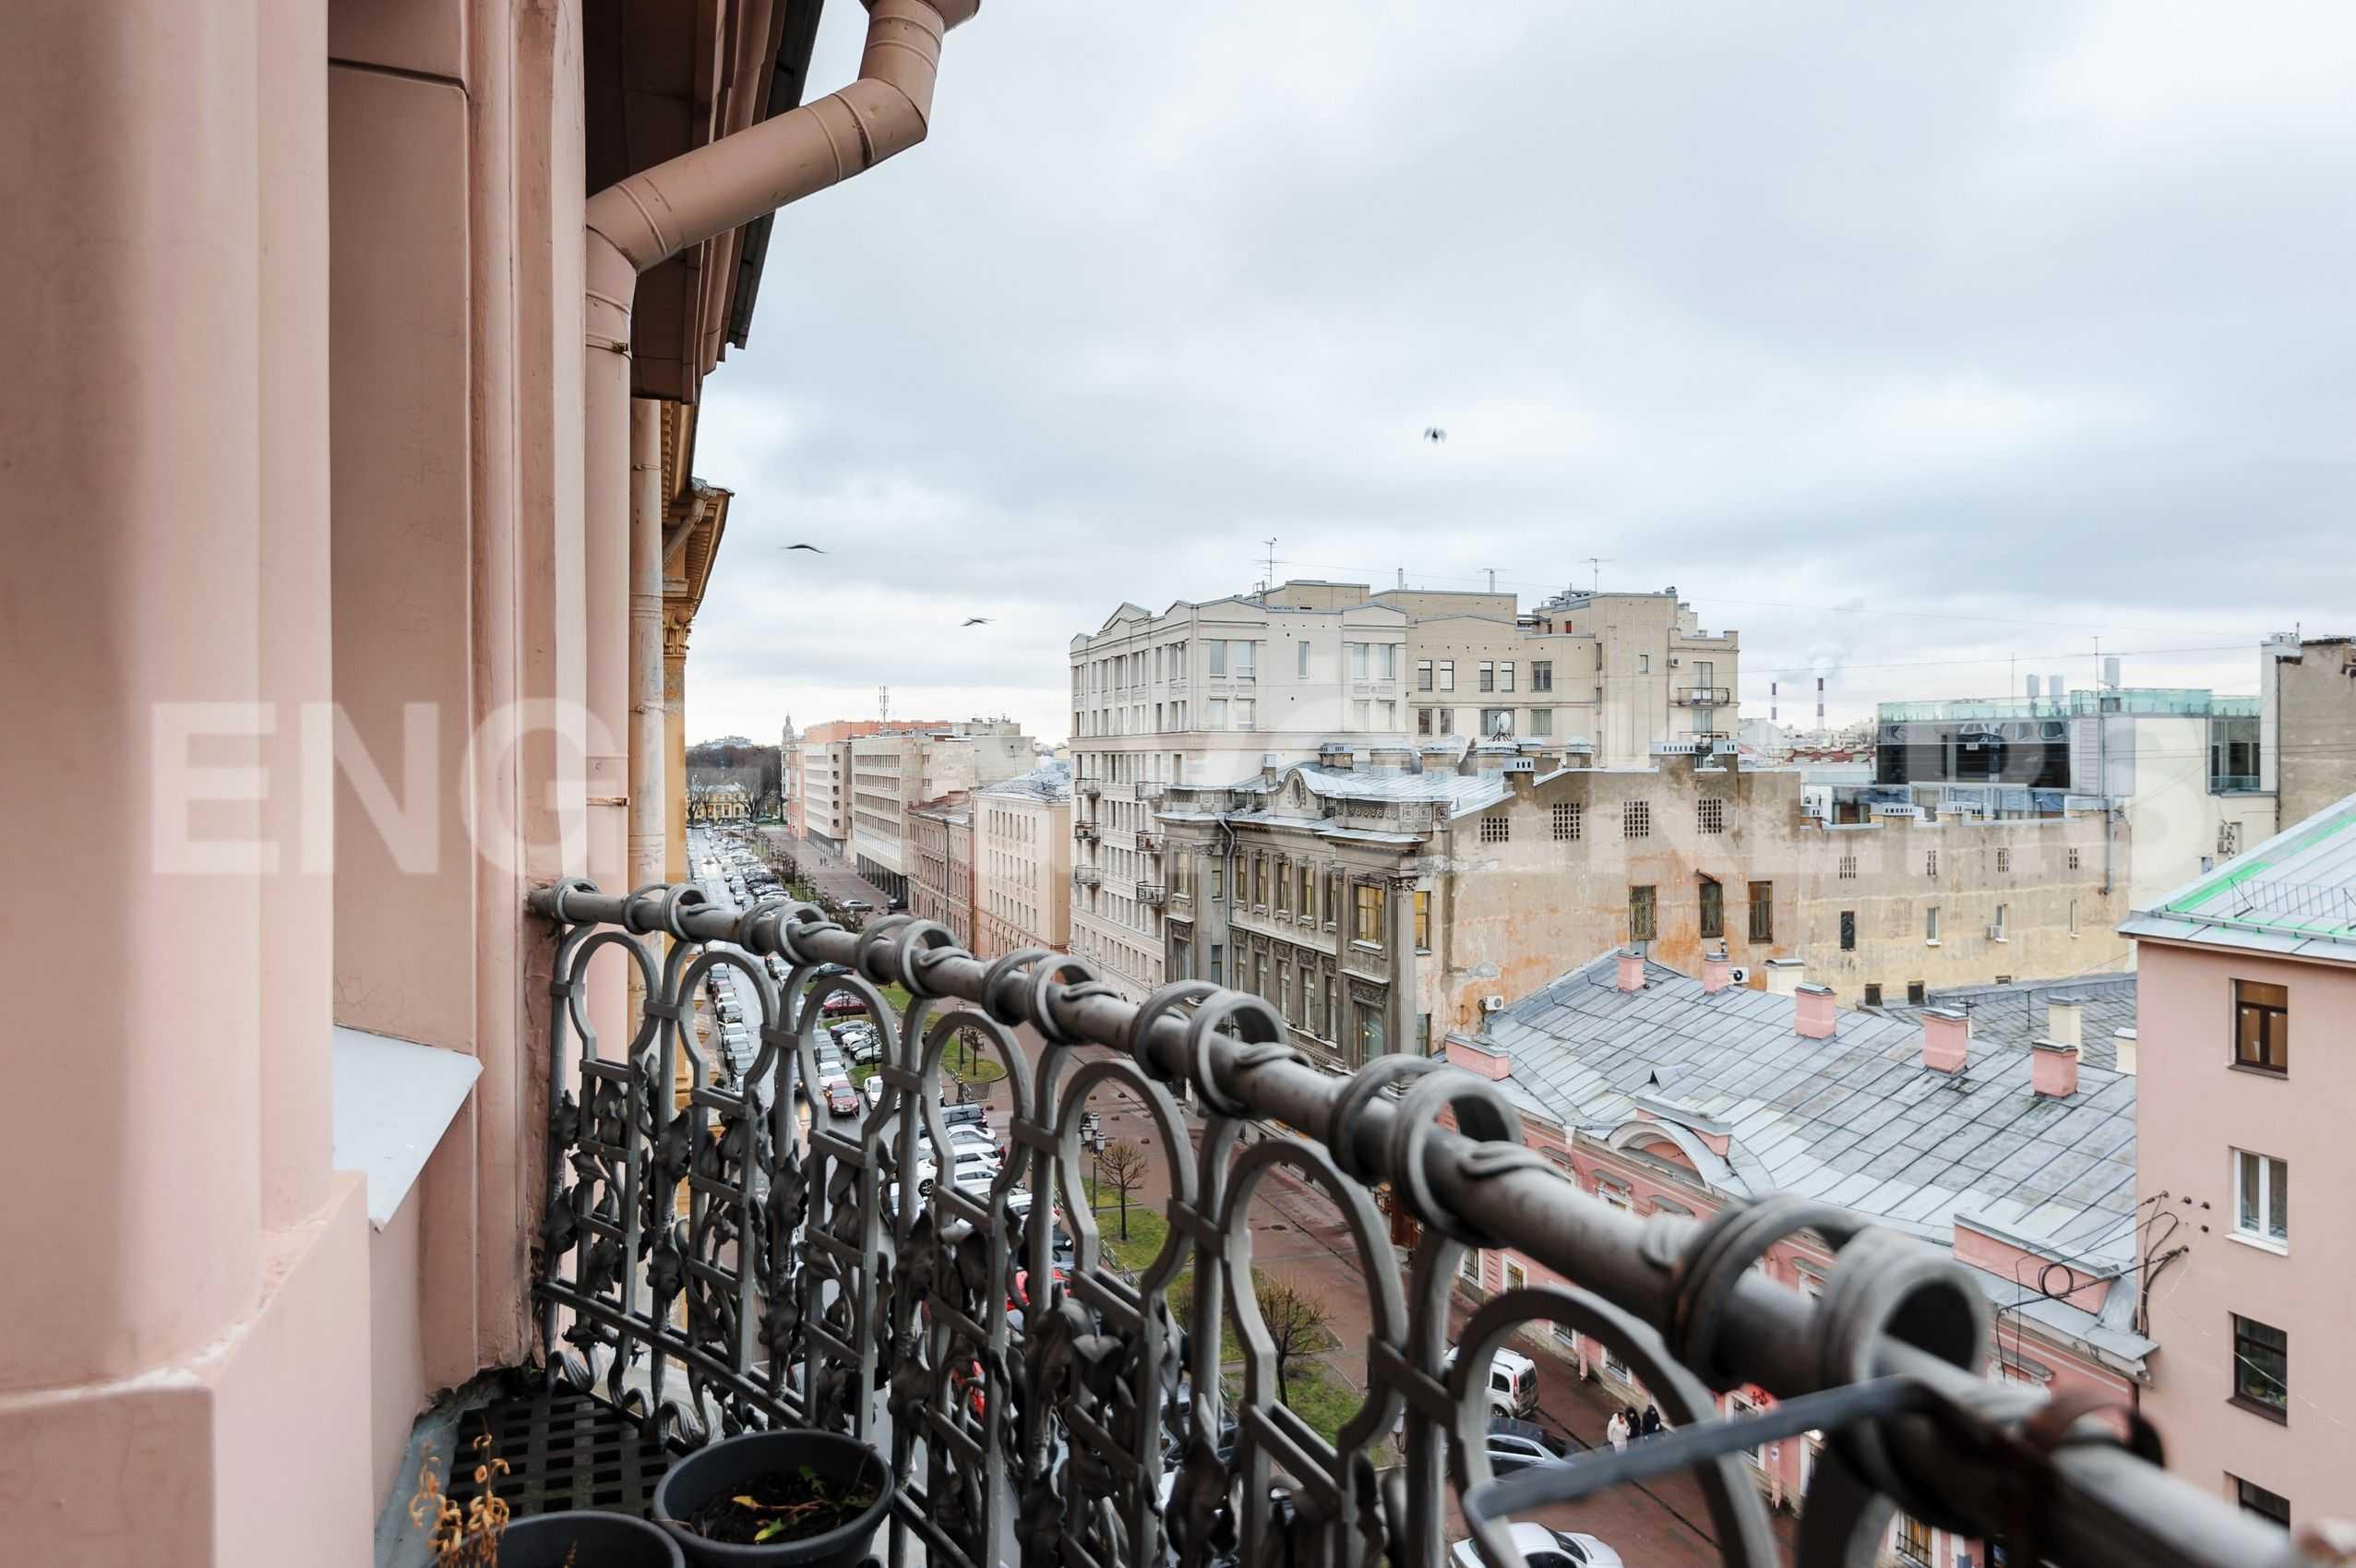 Элитные квартиры в Центральный р-н. Санкт-Петербург, Захарьевская, 16. Вид с балкона в сторону Таврического-сада